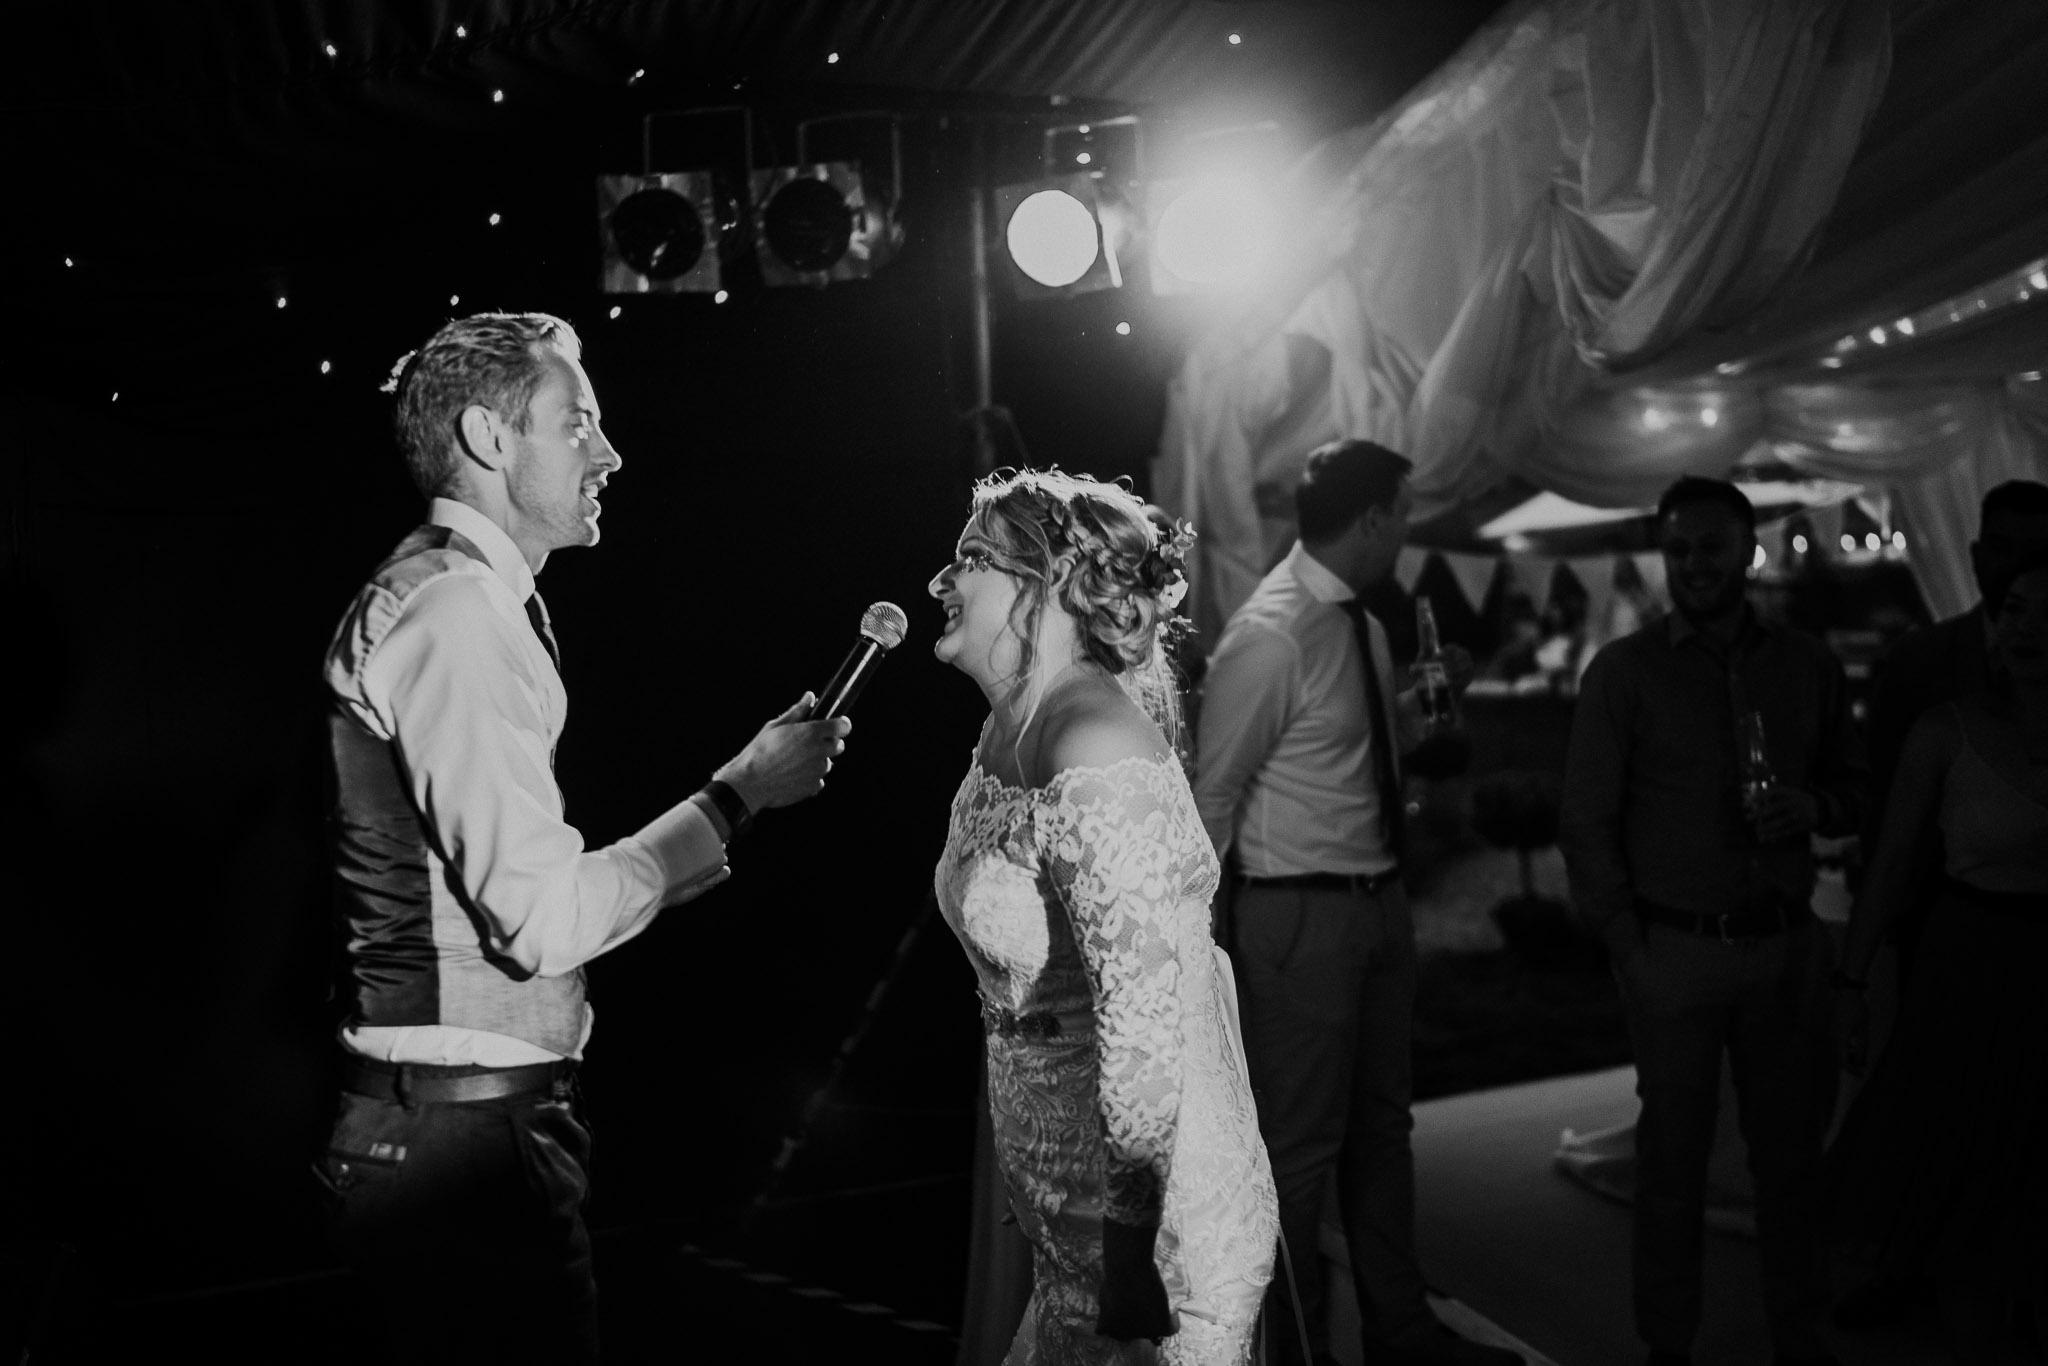 bride-singing-at-wedding